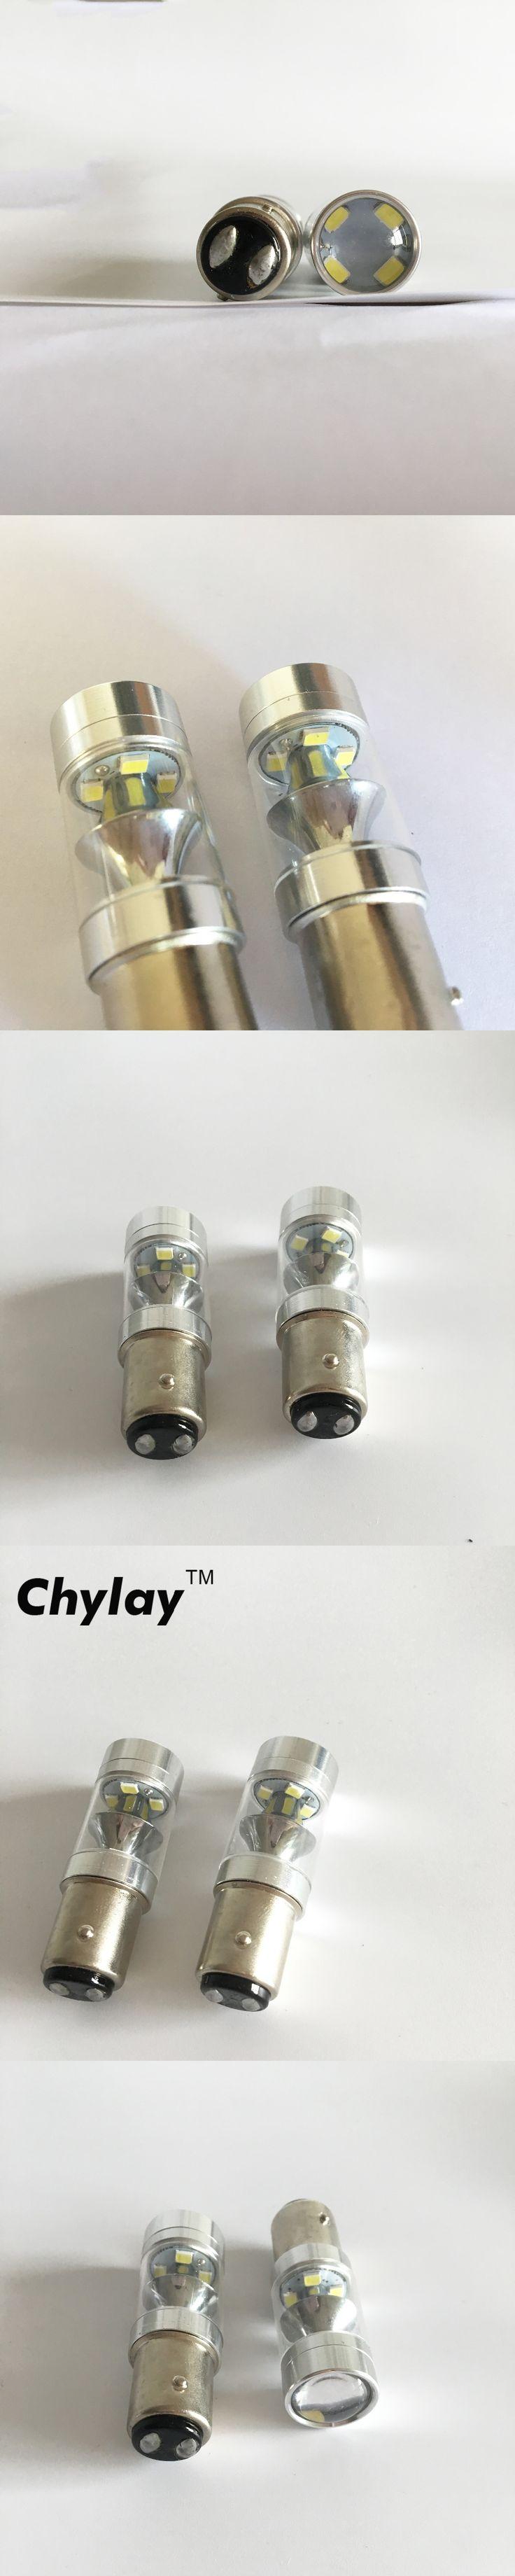 2x  1157 100W LED 360-Degree Car Brake light Backup  Light bulb White DC 12V-24V